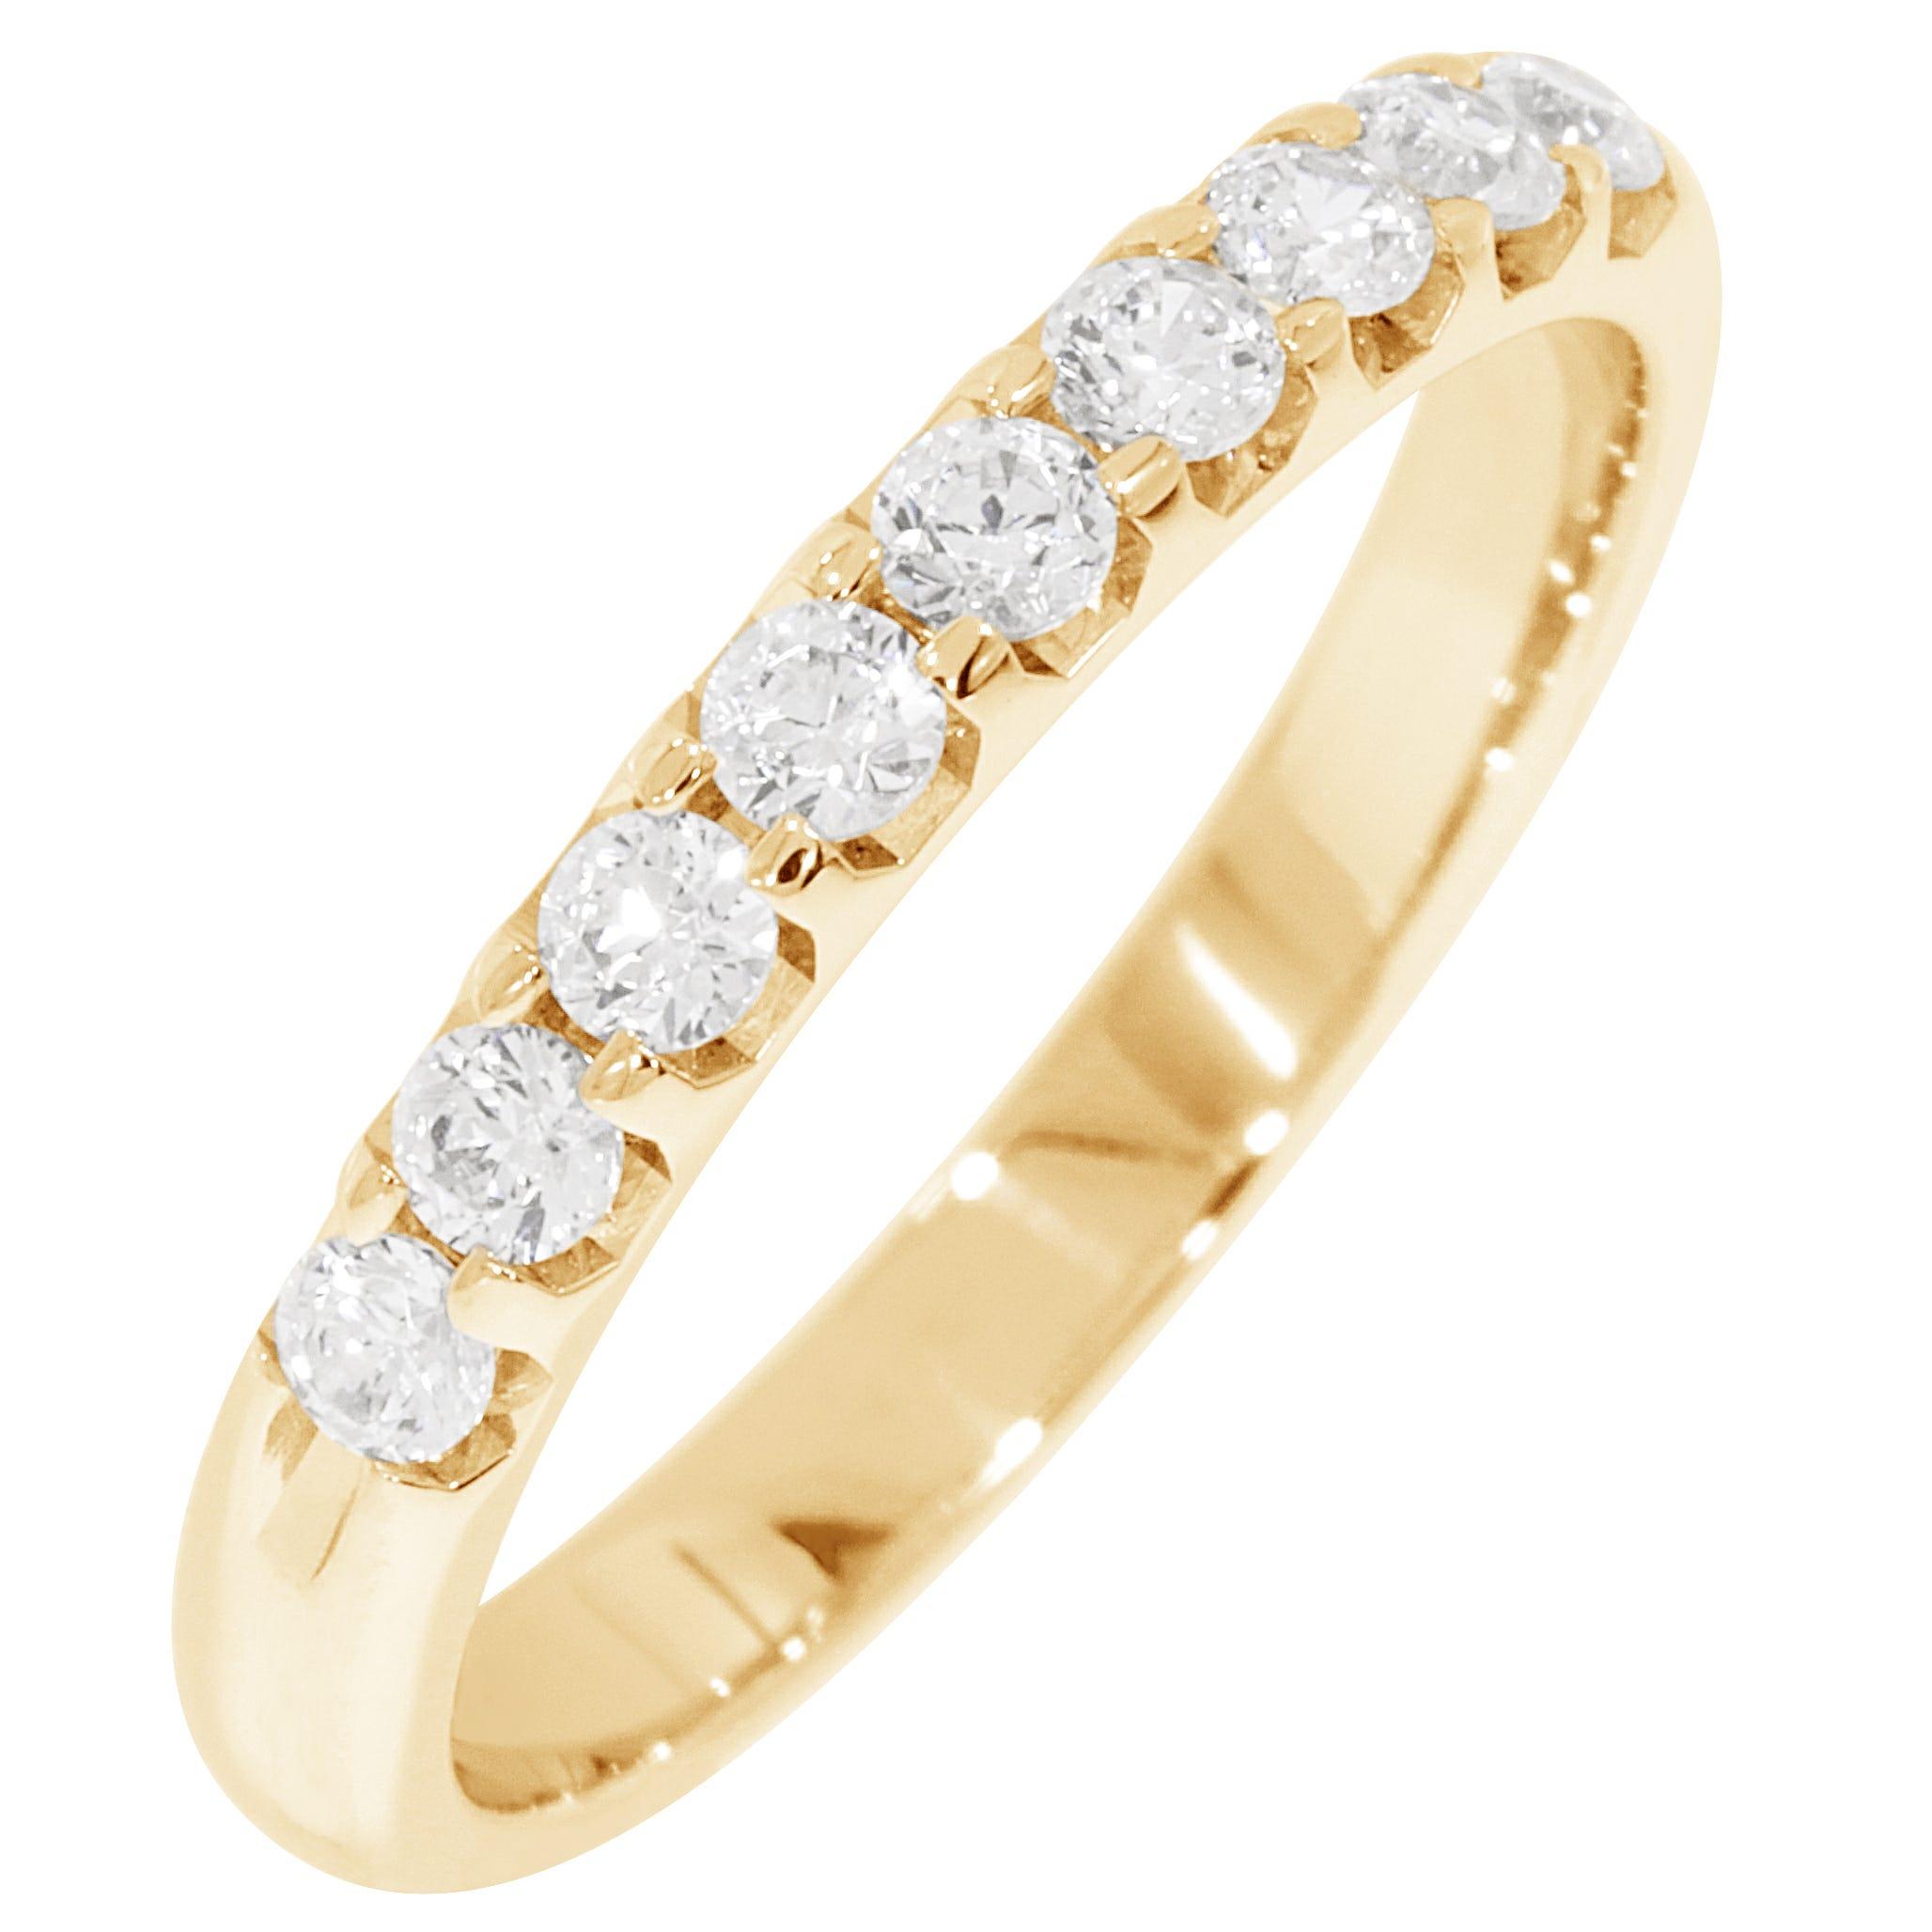 Ladies' 9-Stone 1/3ctw. Prong-Set Diamond Wedding Band in 14K Yellow Gold (HI, I1-I2)